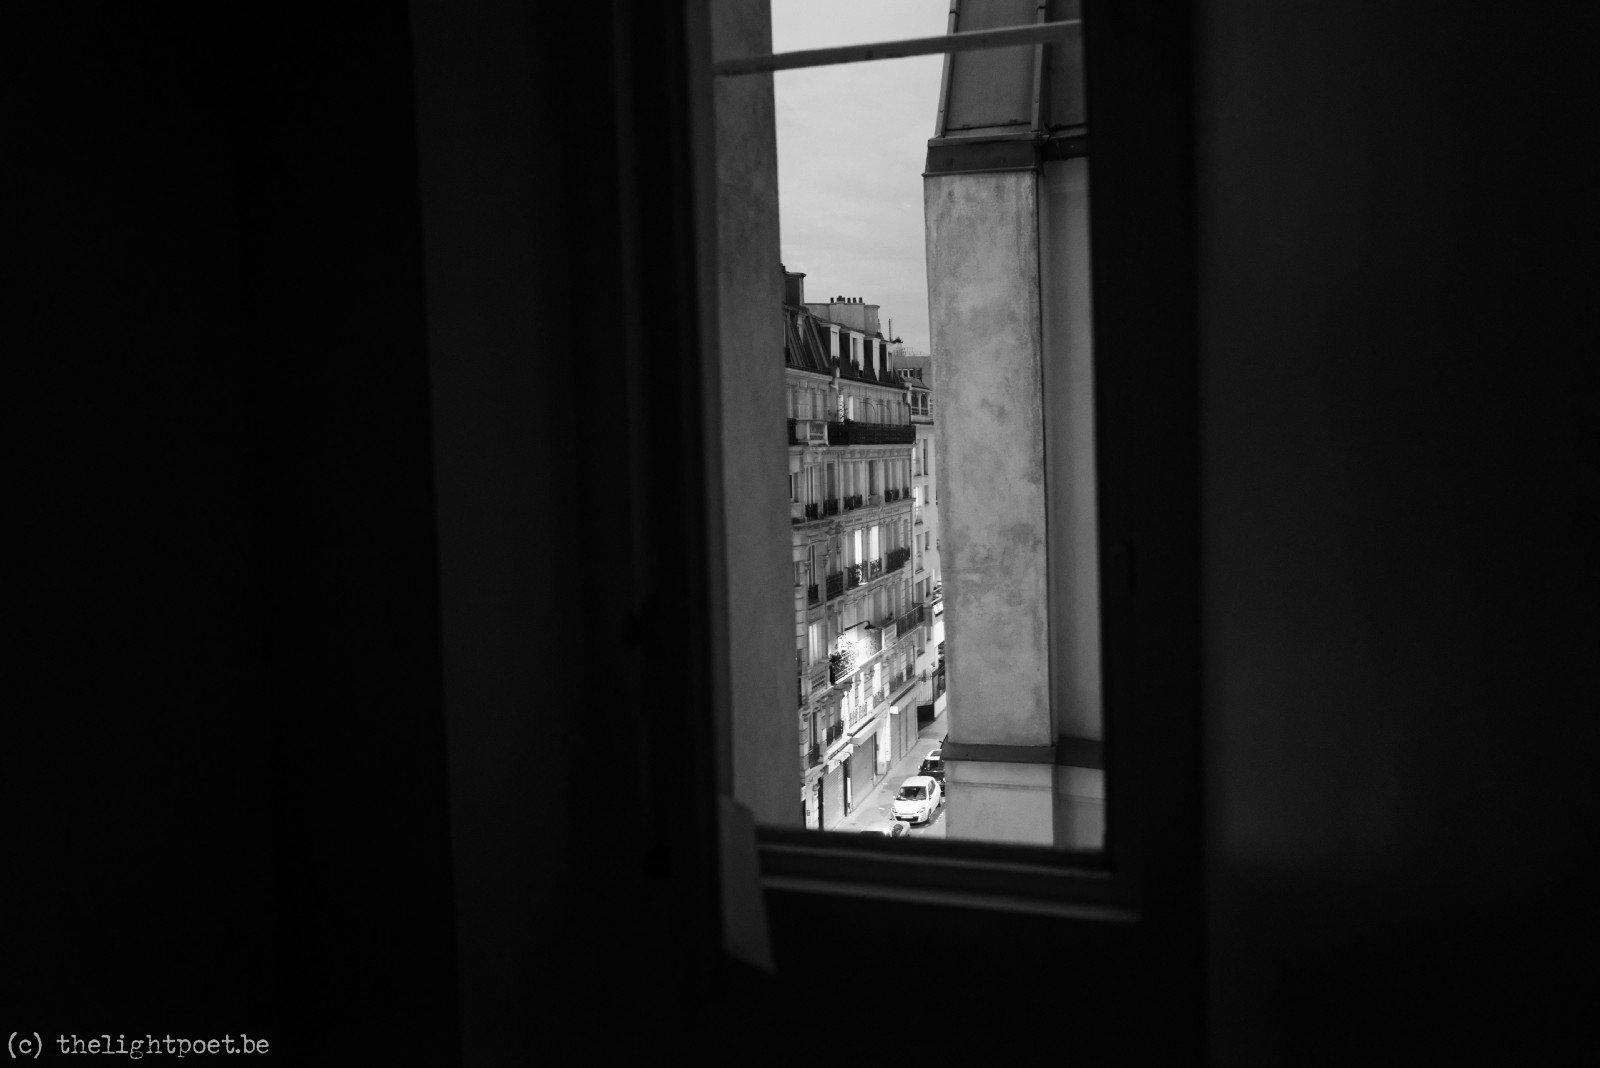 2016_08_Parijs_20160804_215618_DxO_v11_1600px_2